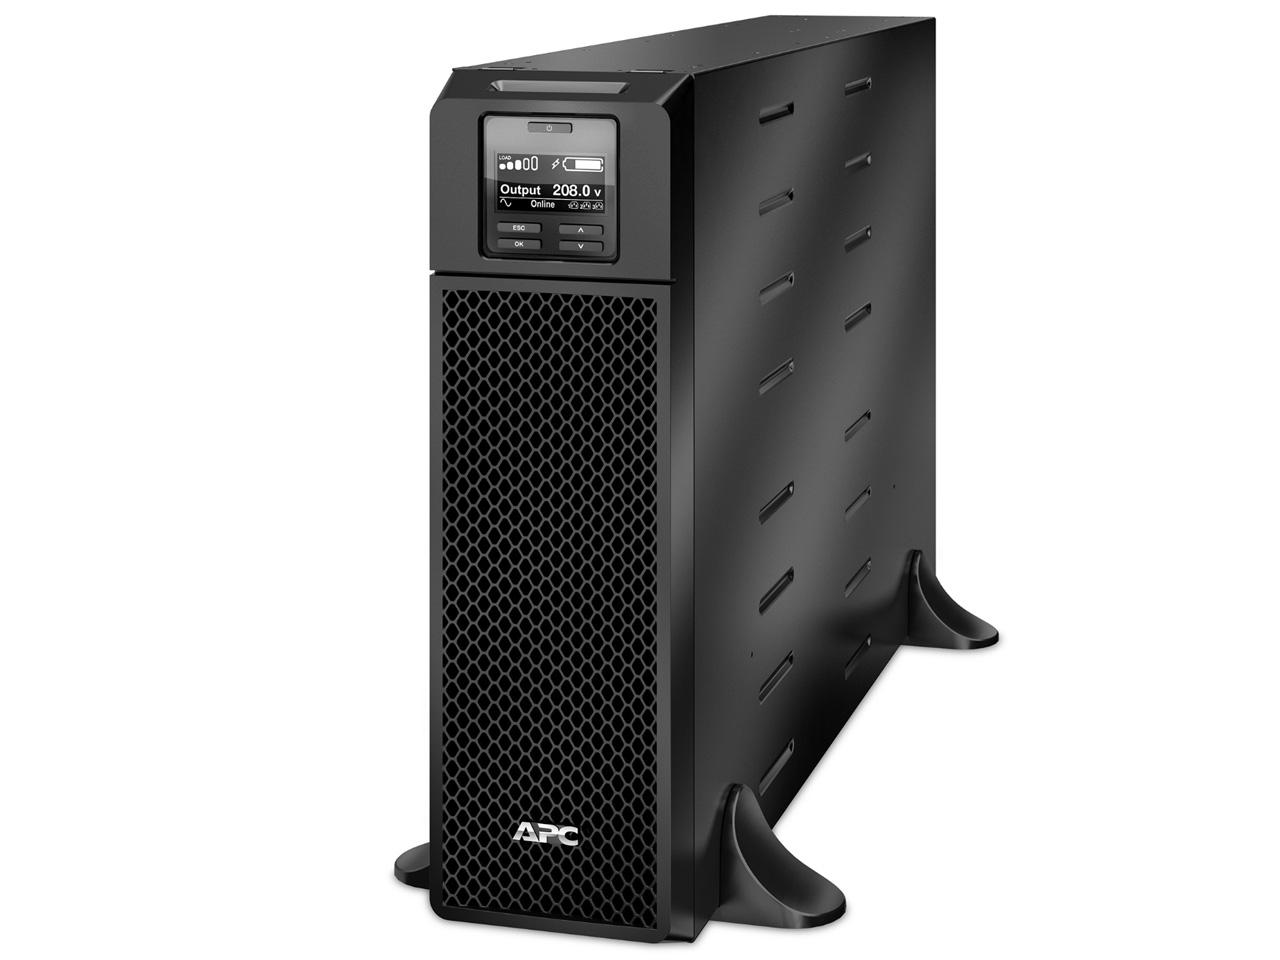 シュナイダーエレクトリック(APC) APC Smart-UPS SRT 5000VA 200V 3年保証付きモデル SRT5KXLJ3W(SRT5KXLJ3W)【smtb-s】